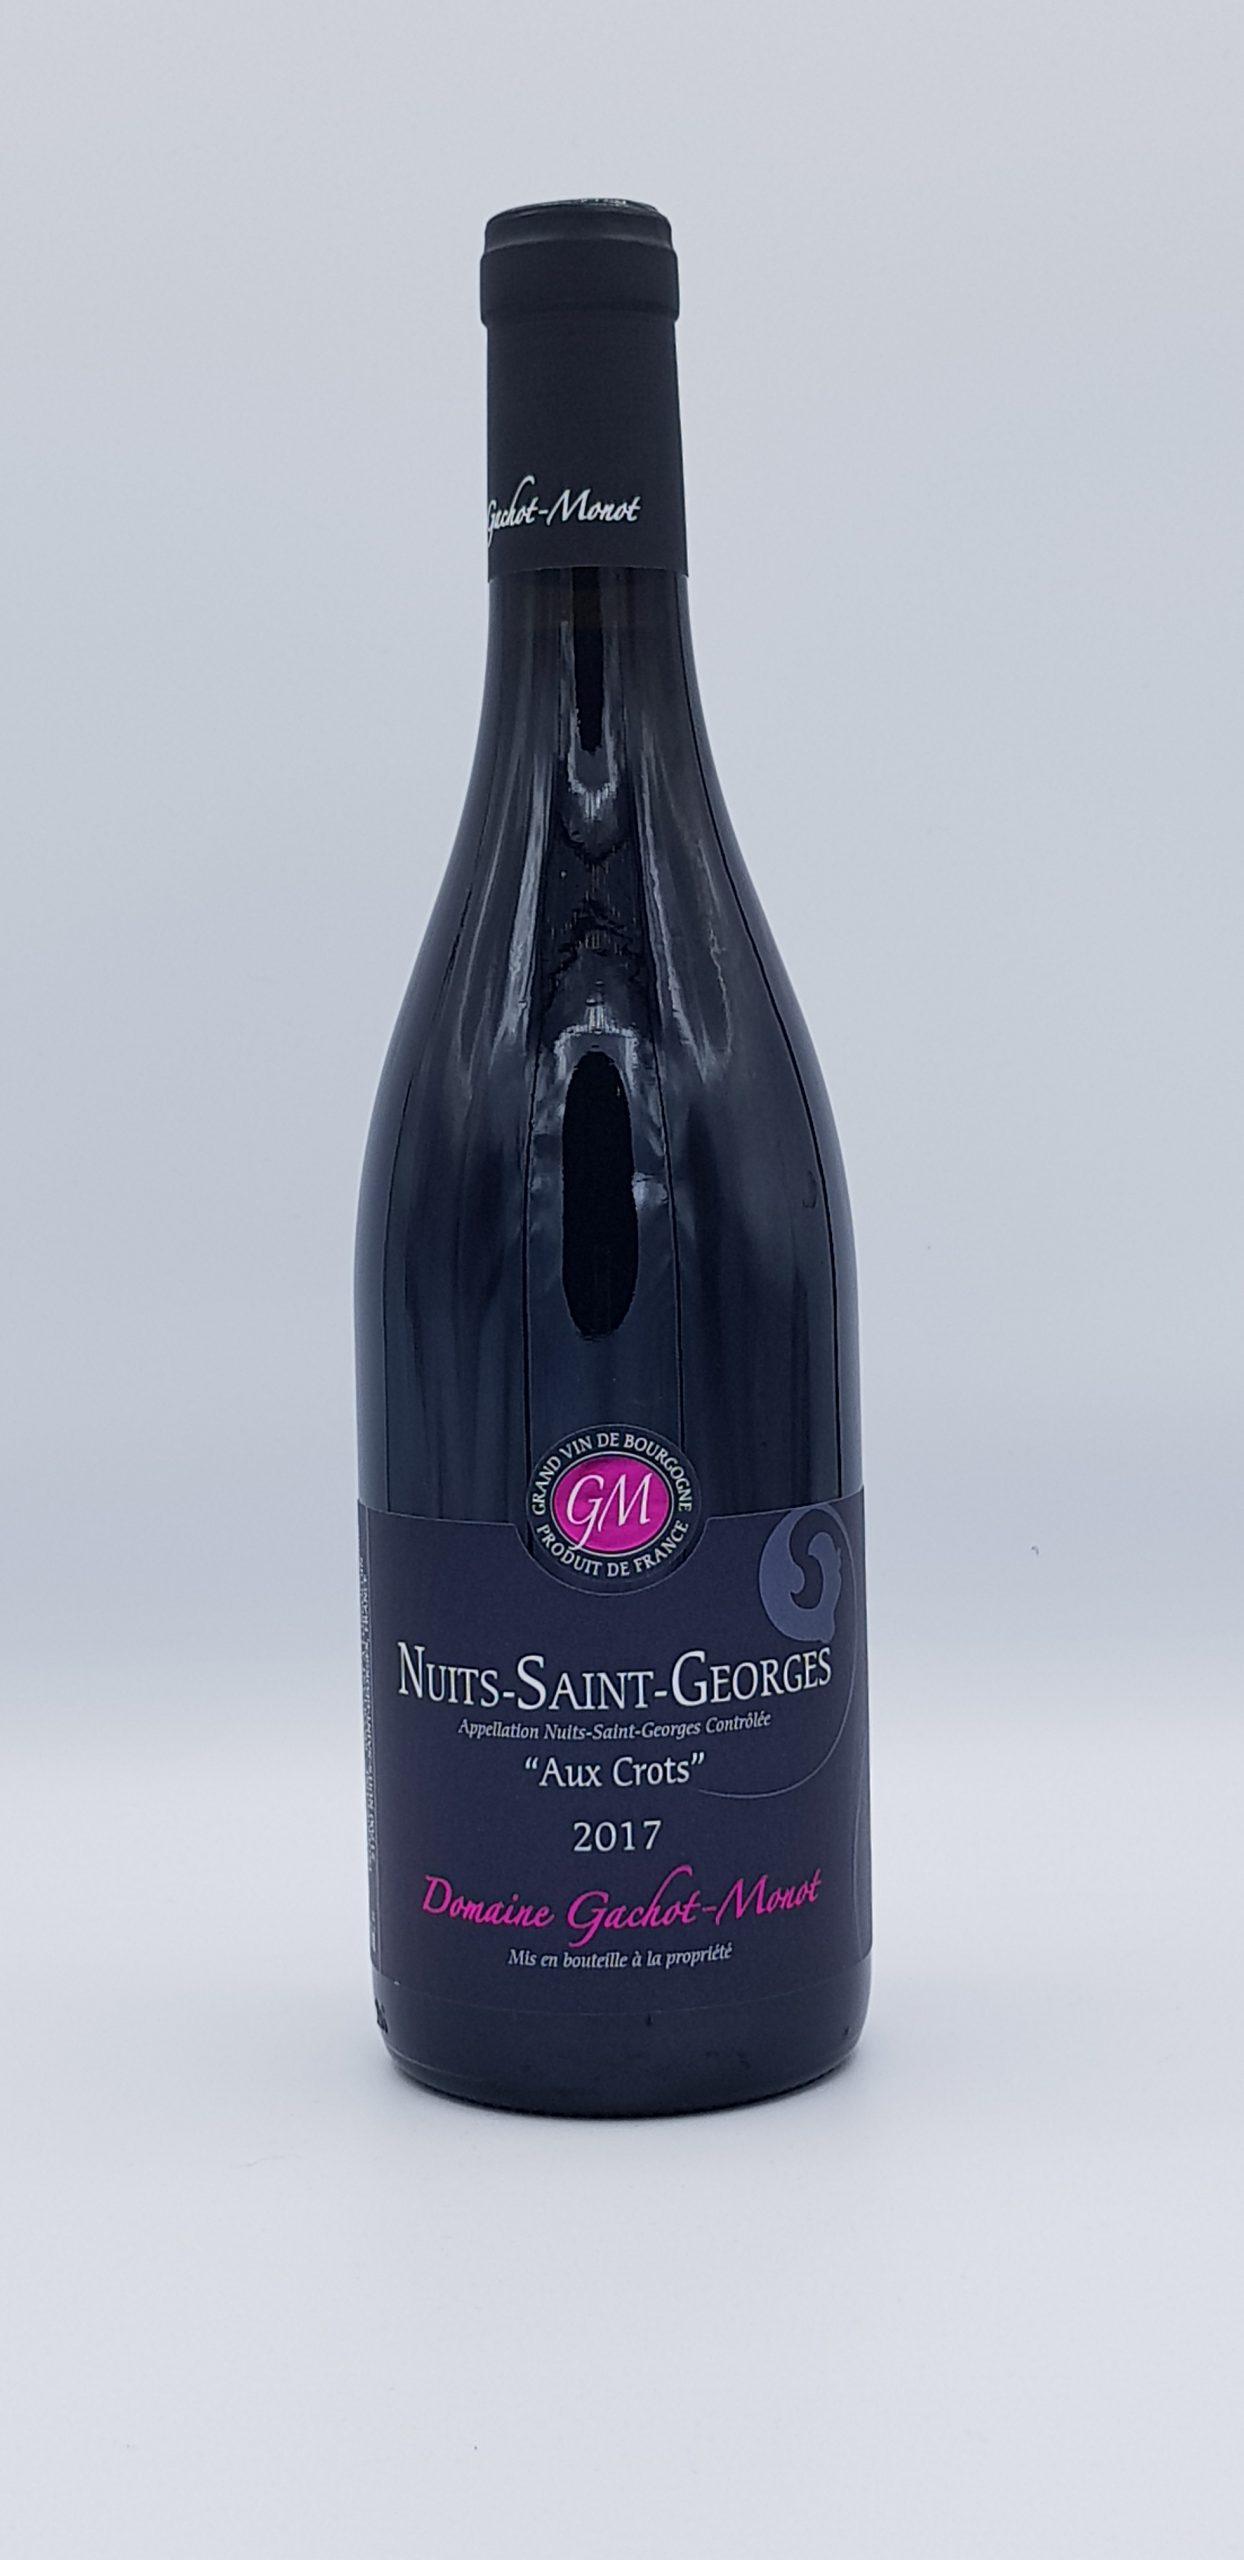 Bourgogne Nuits St Georges 2017 Rouges Aux Crots